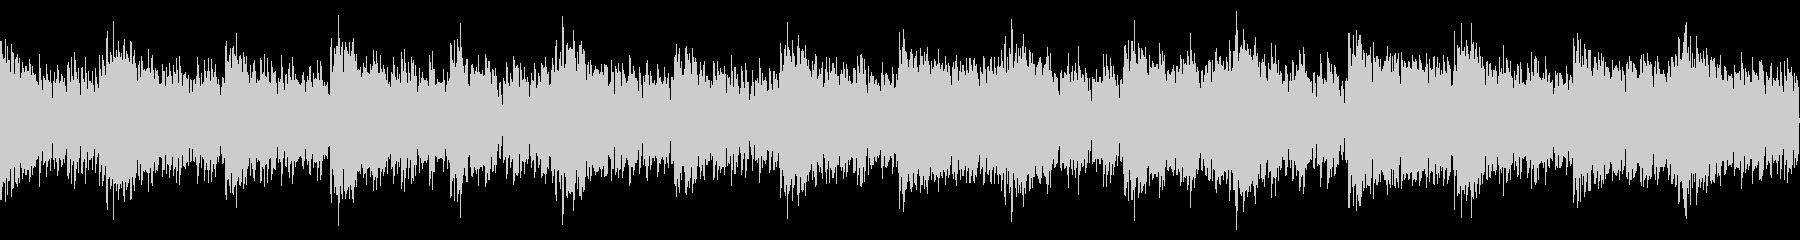 戦闘ゲームなどのタイトル画面に合う曲の未再生の波形